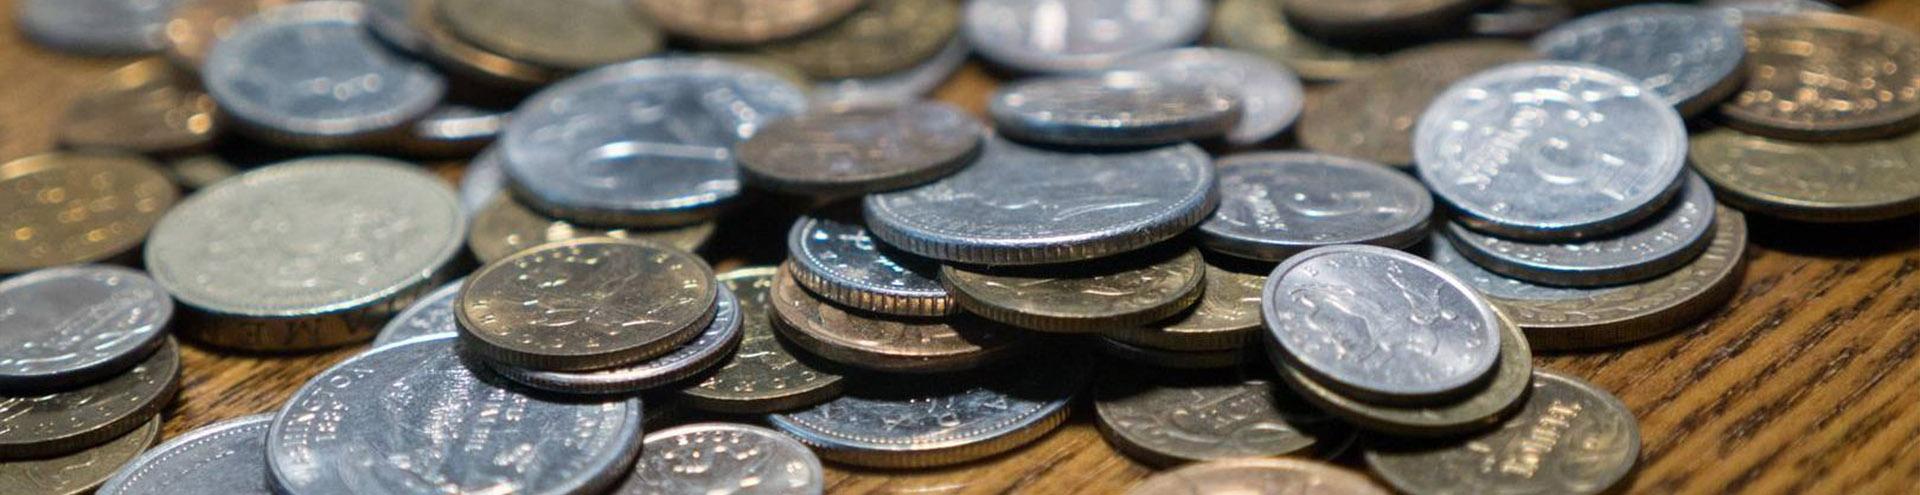 судебное взыскание долгов в Калуге